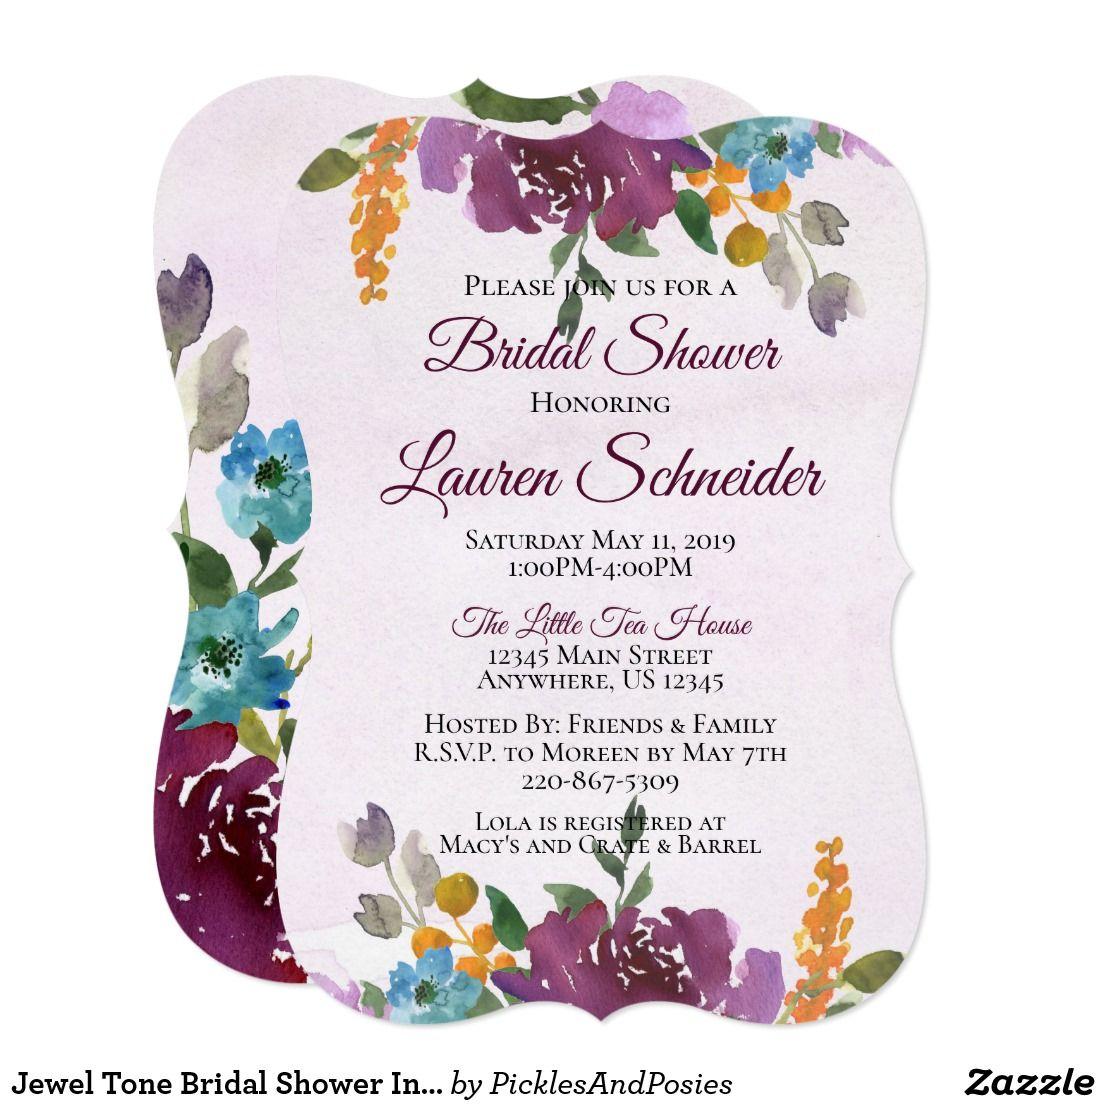 Jewel tone bridal shower invitations watercolor zazzle